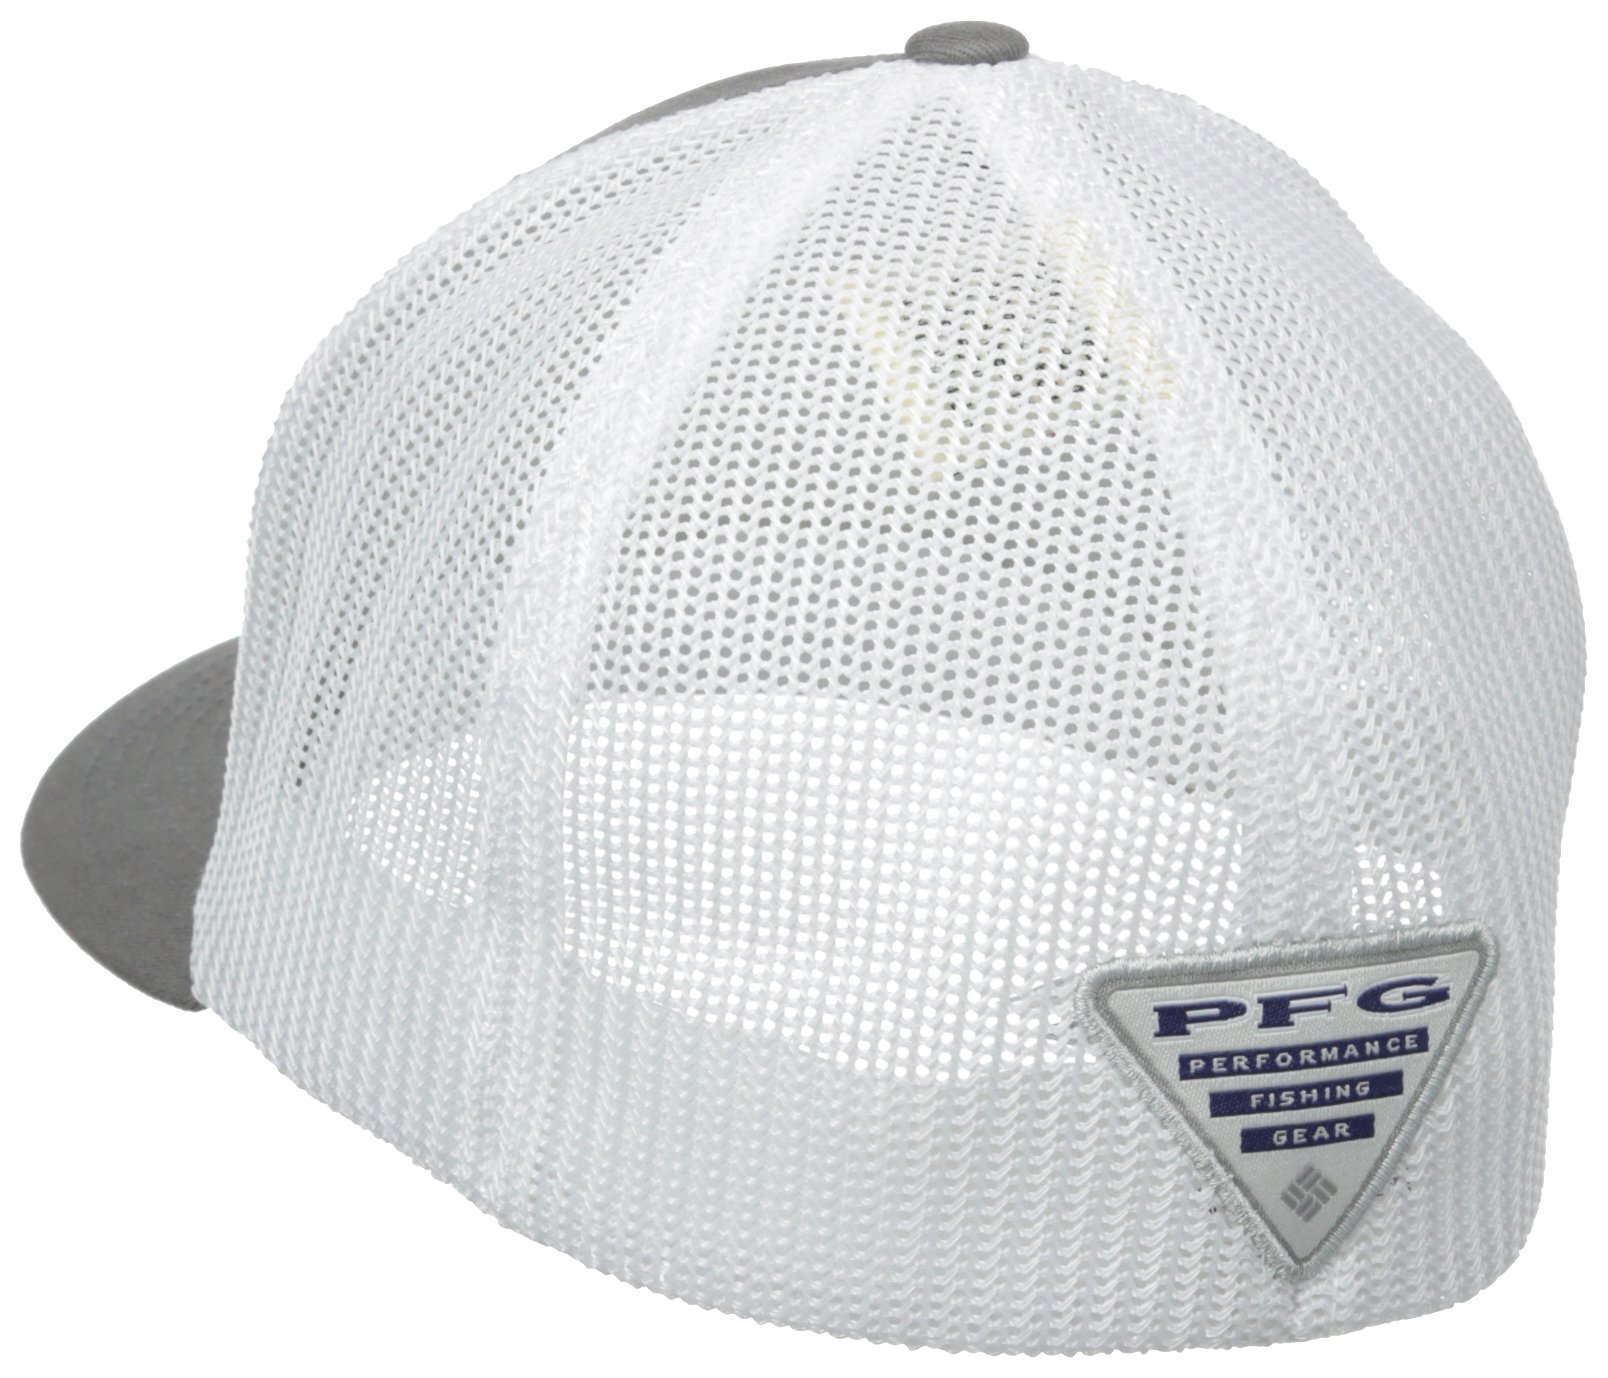 6fb1a1a609a9b Columbia PFG Mesh Ball Cap